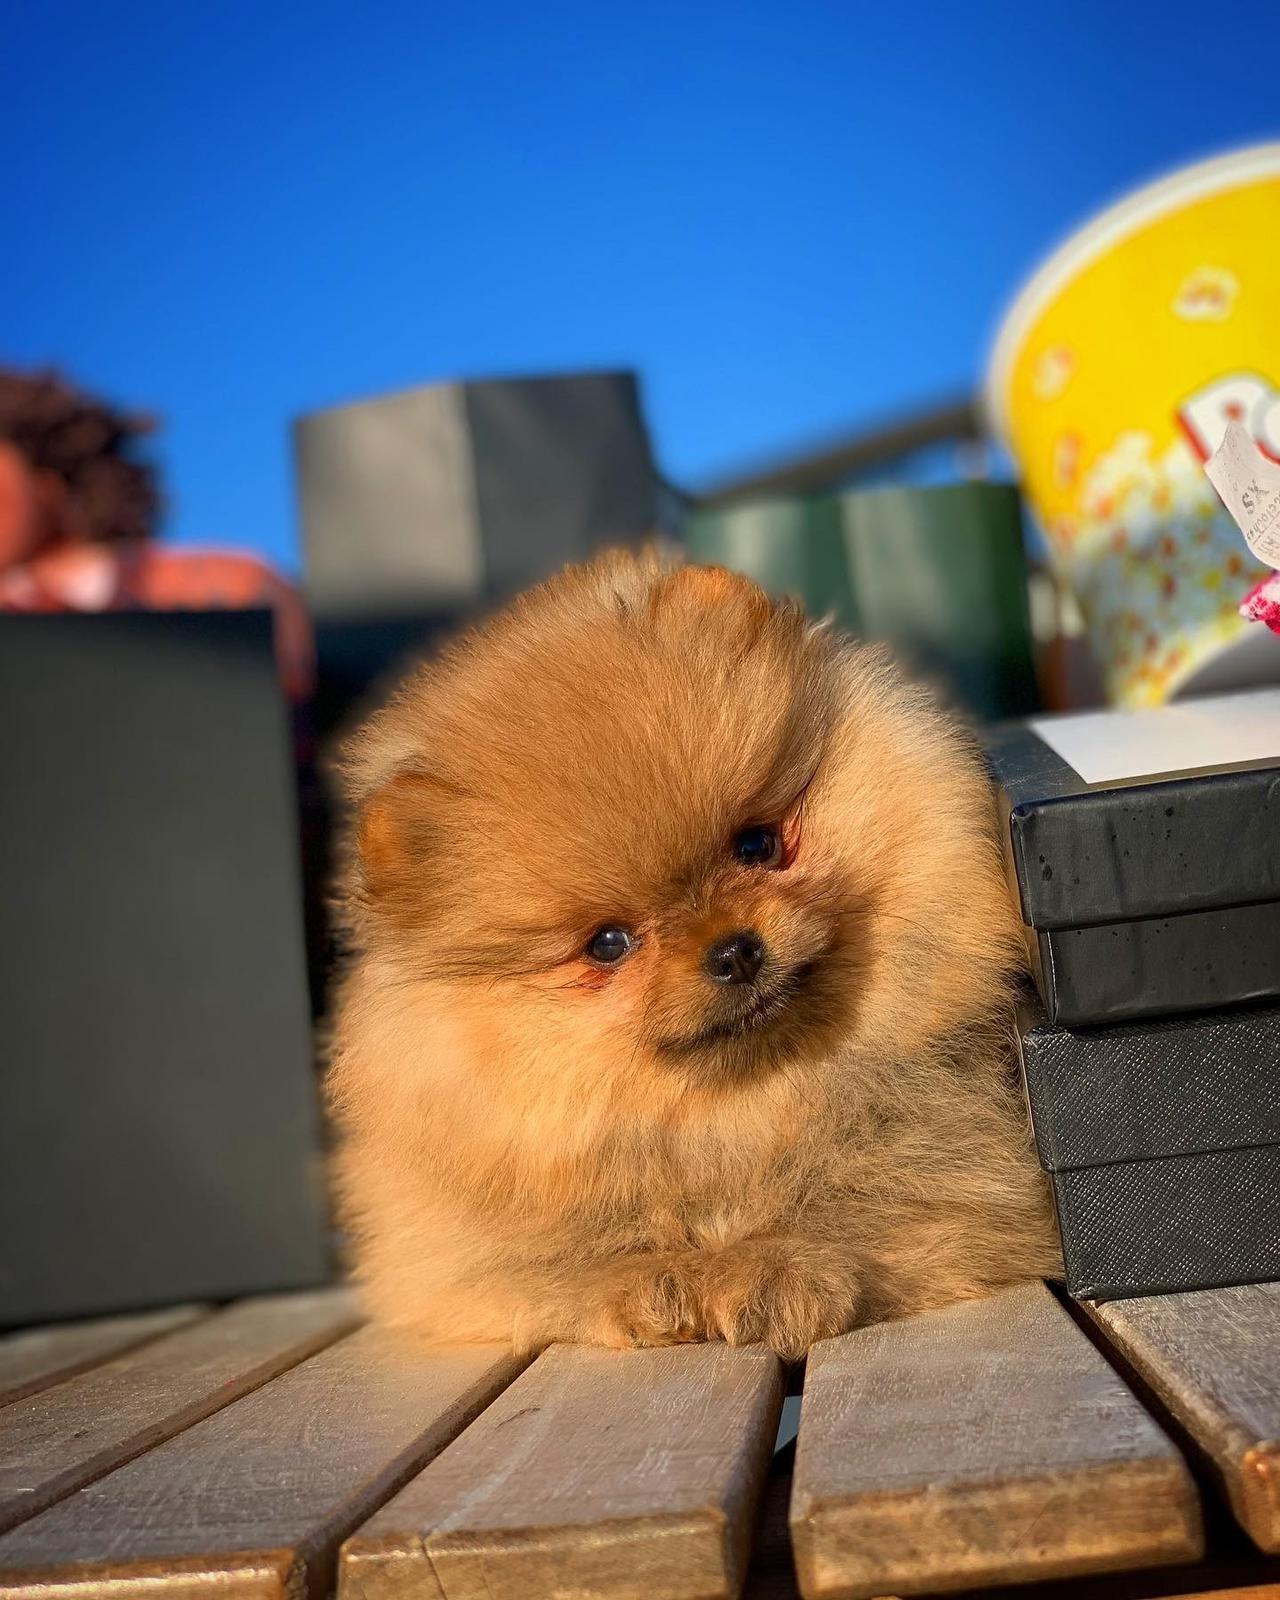 Orjinal  Teddybear Yüz Yapısına Sahip PomeranianBoo 3